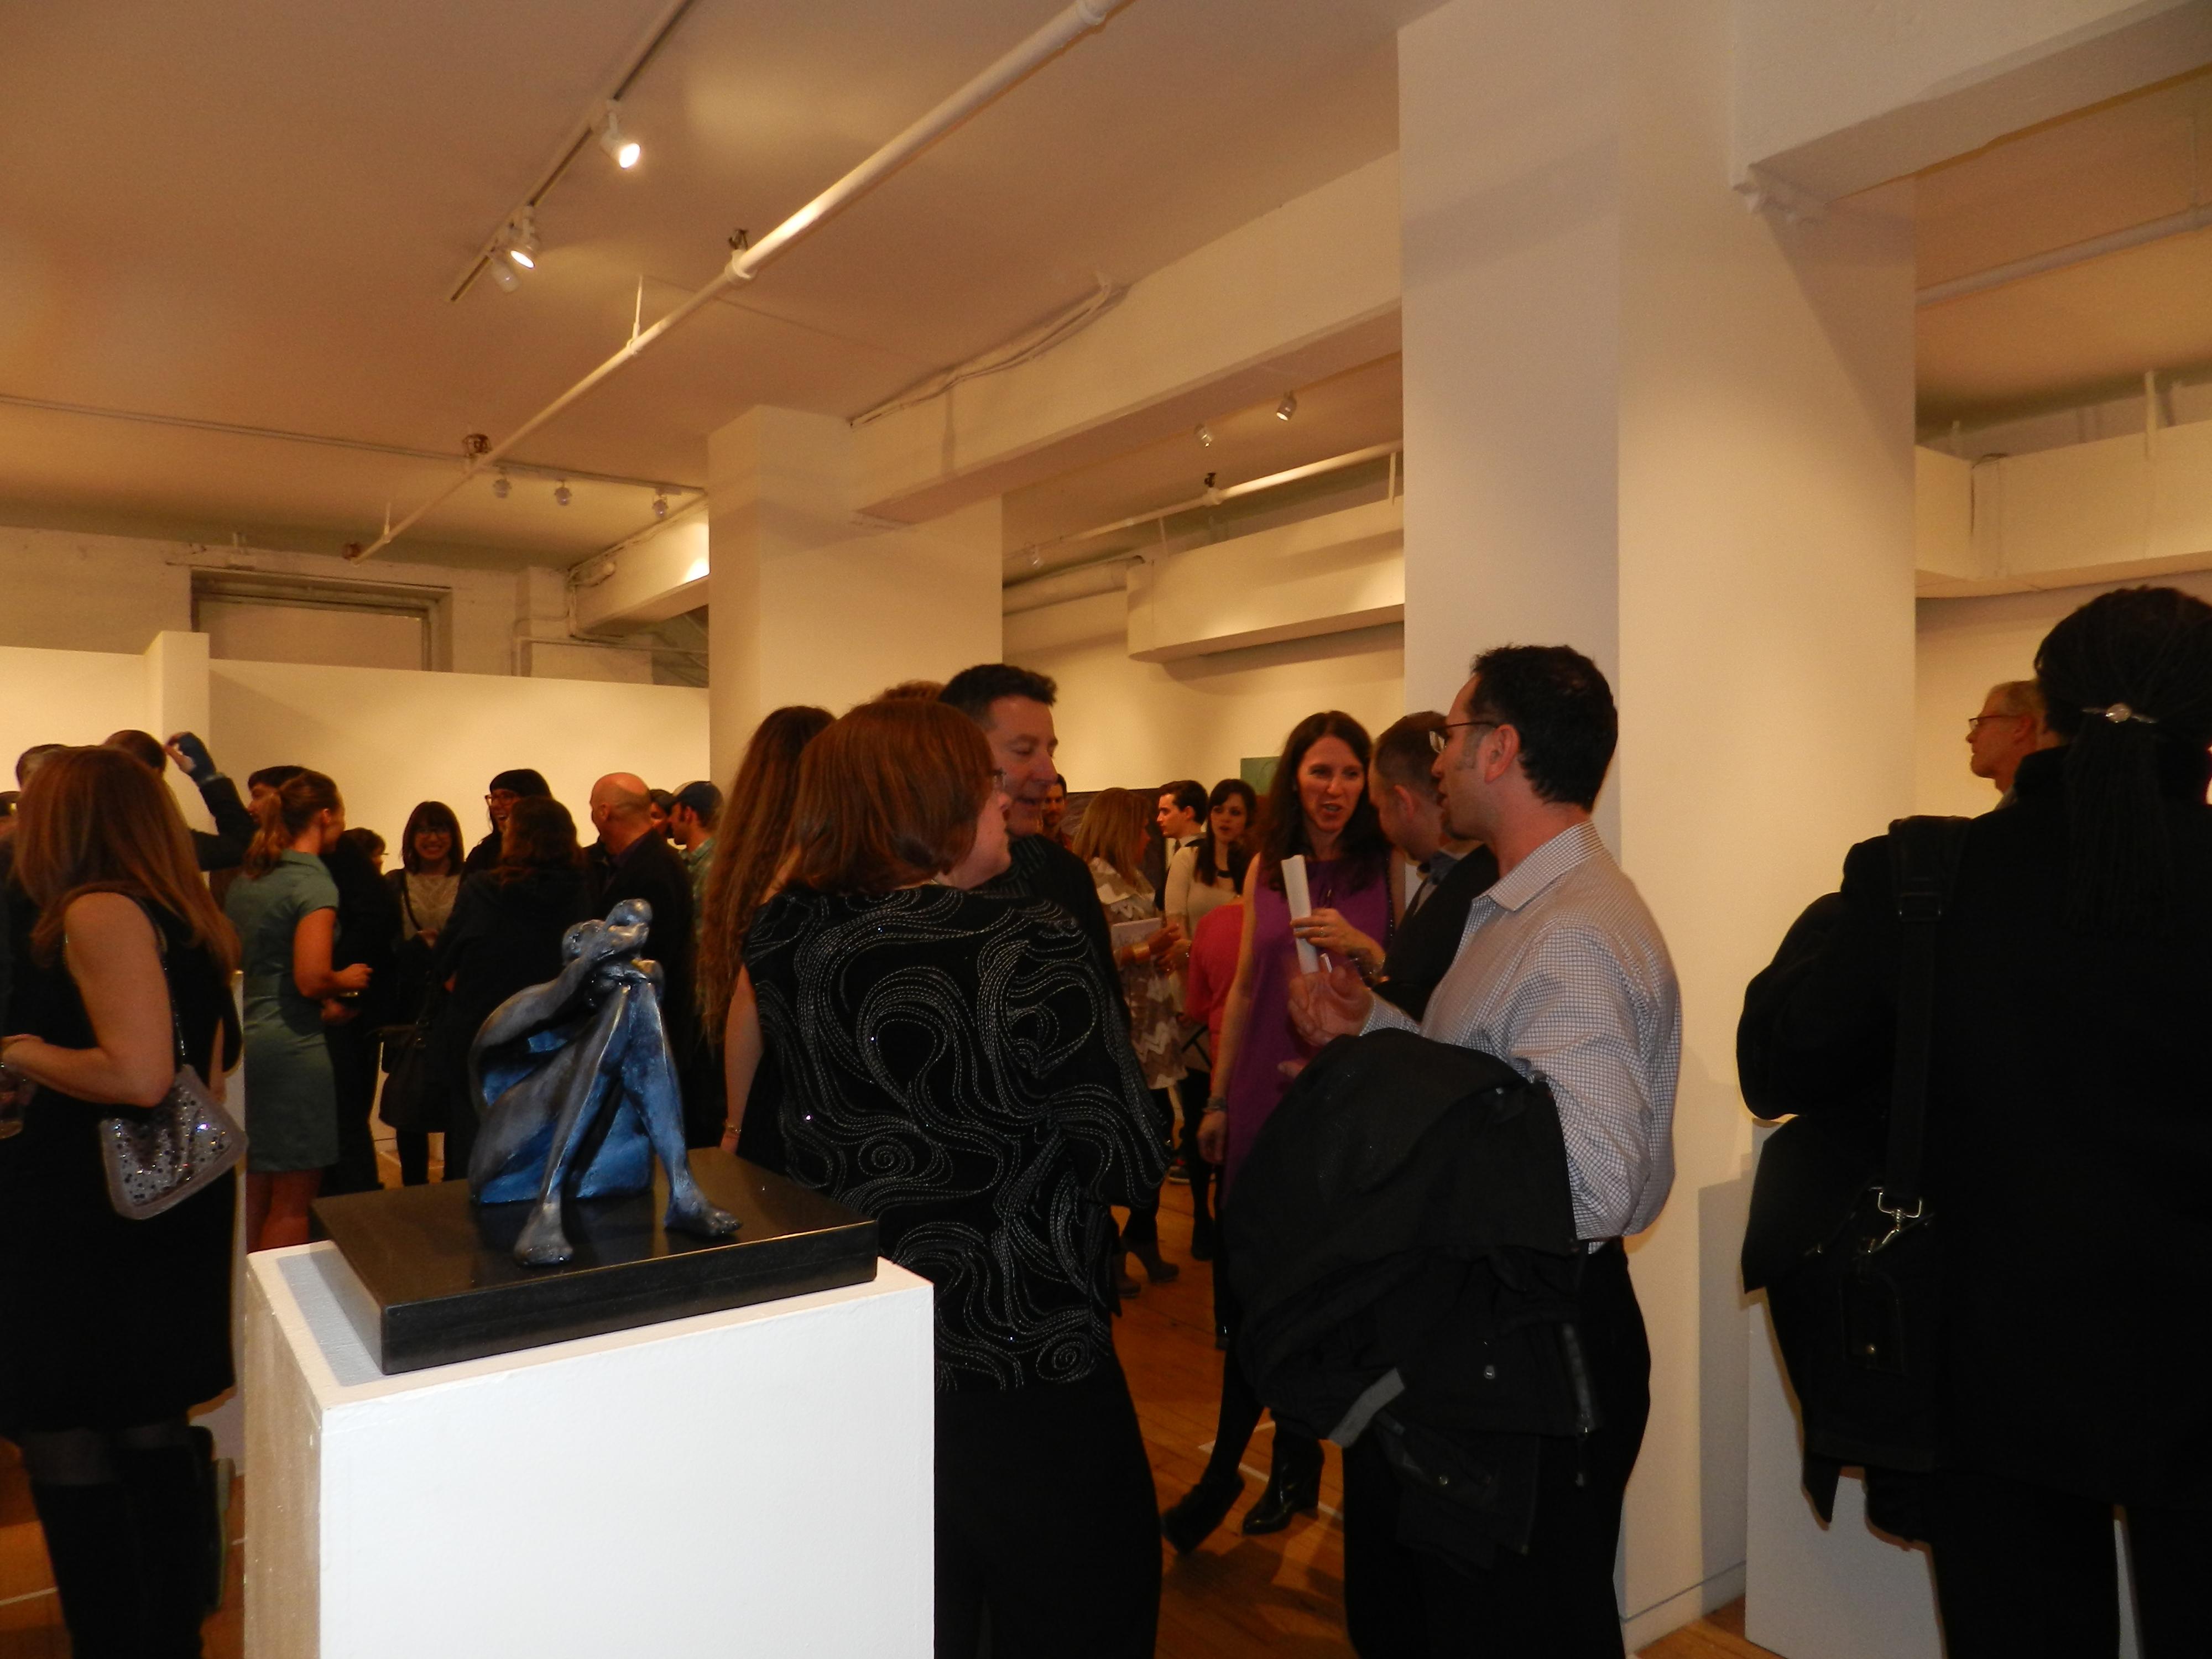 Lety+Herrera+At++Agora+Gallery+NYC+007